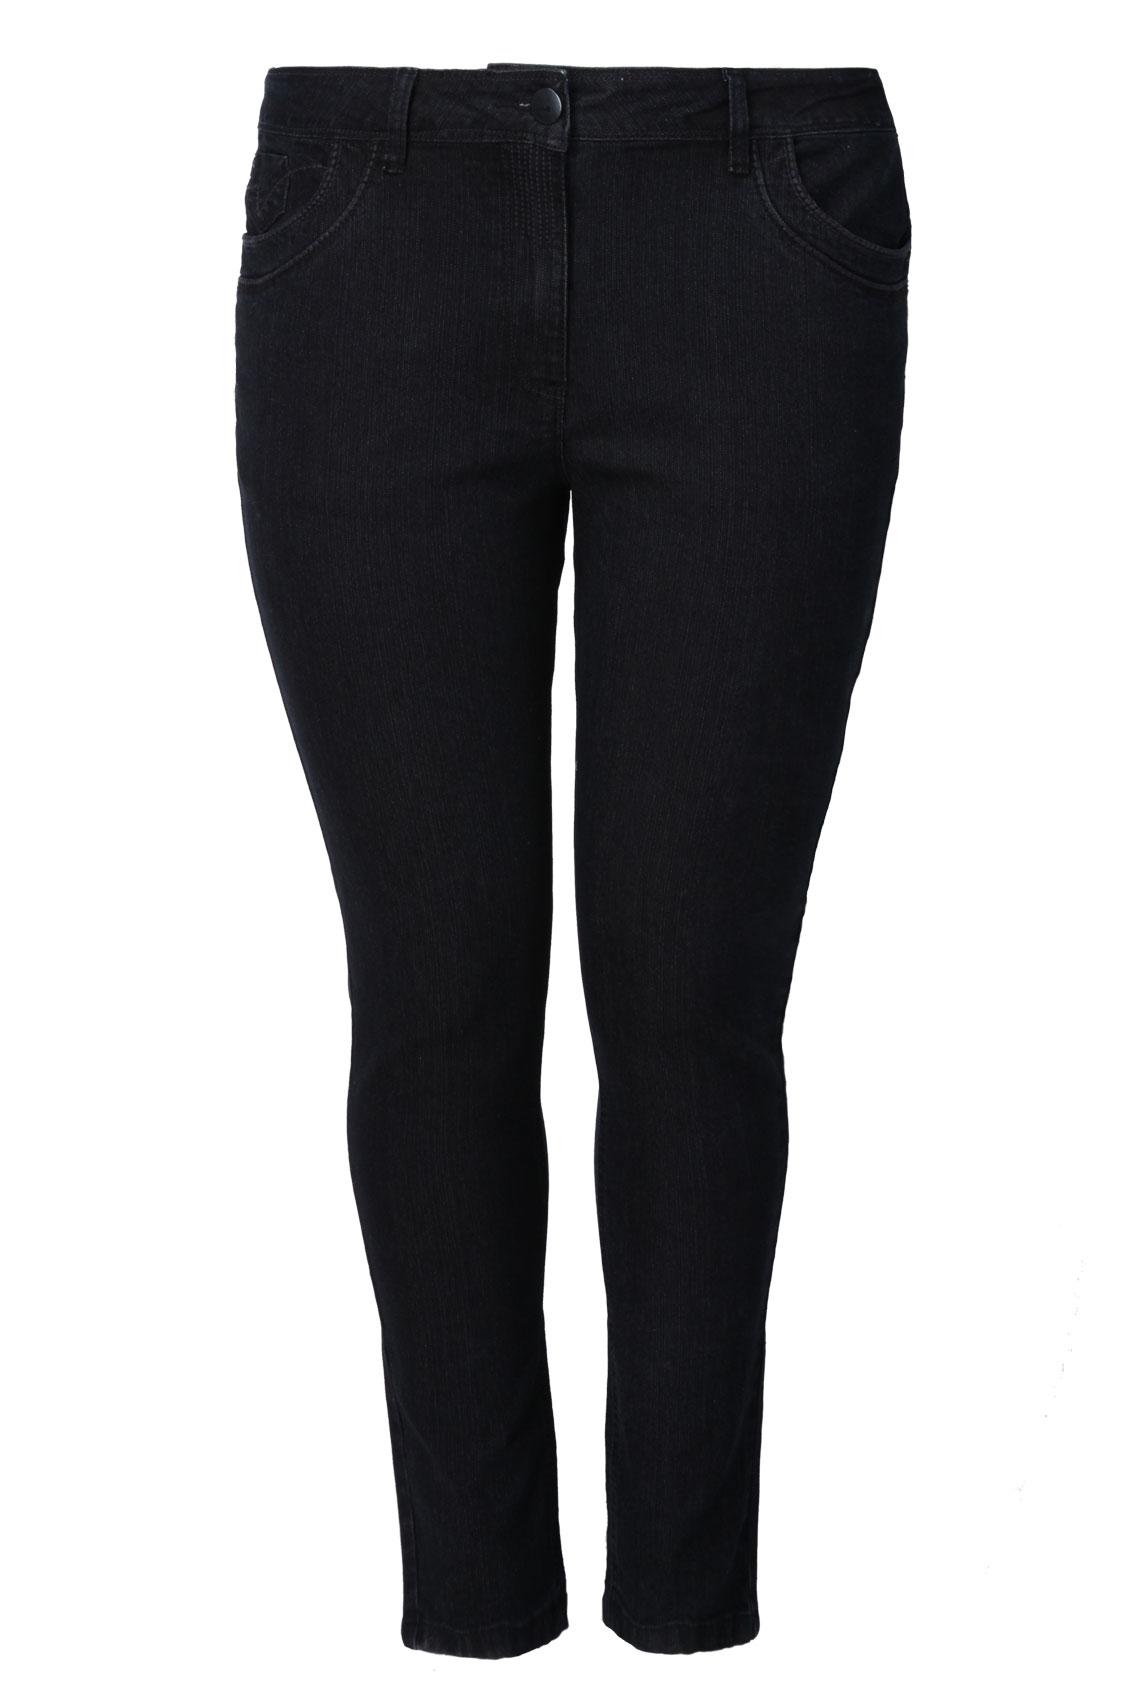 best black skinny jeans uk - Jean Yu Beauty